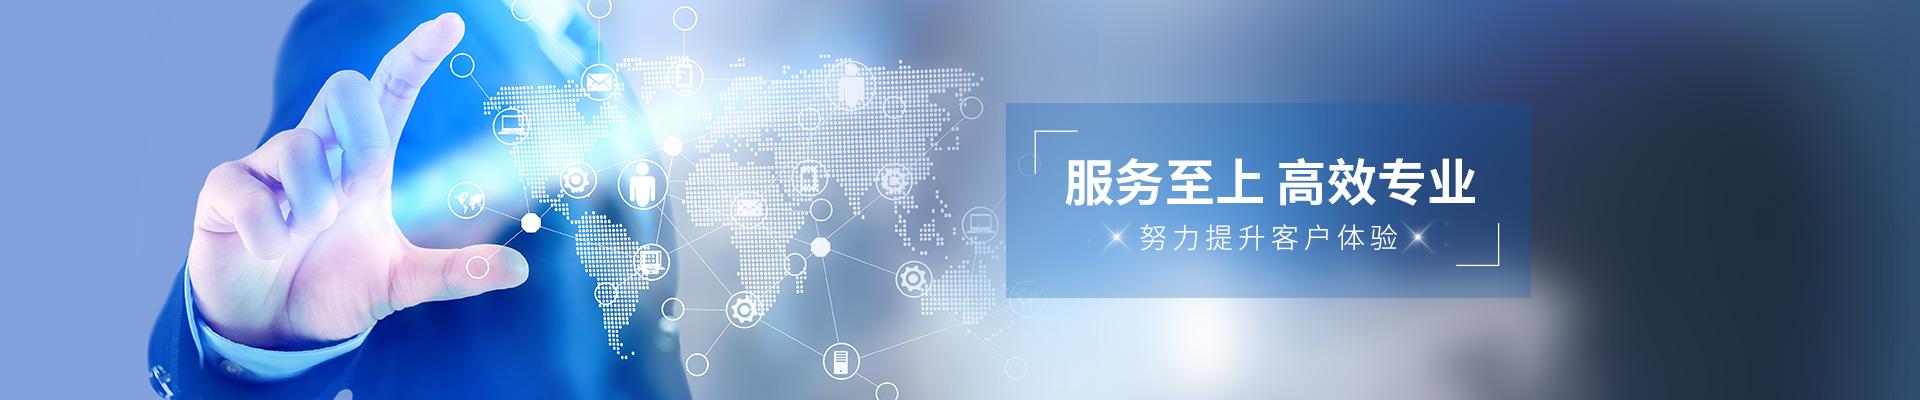 深圳市胜森创装饰设计工程nba山猫直播在线观看公司介绍